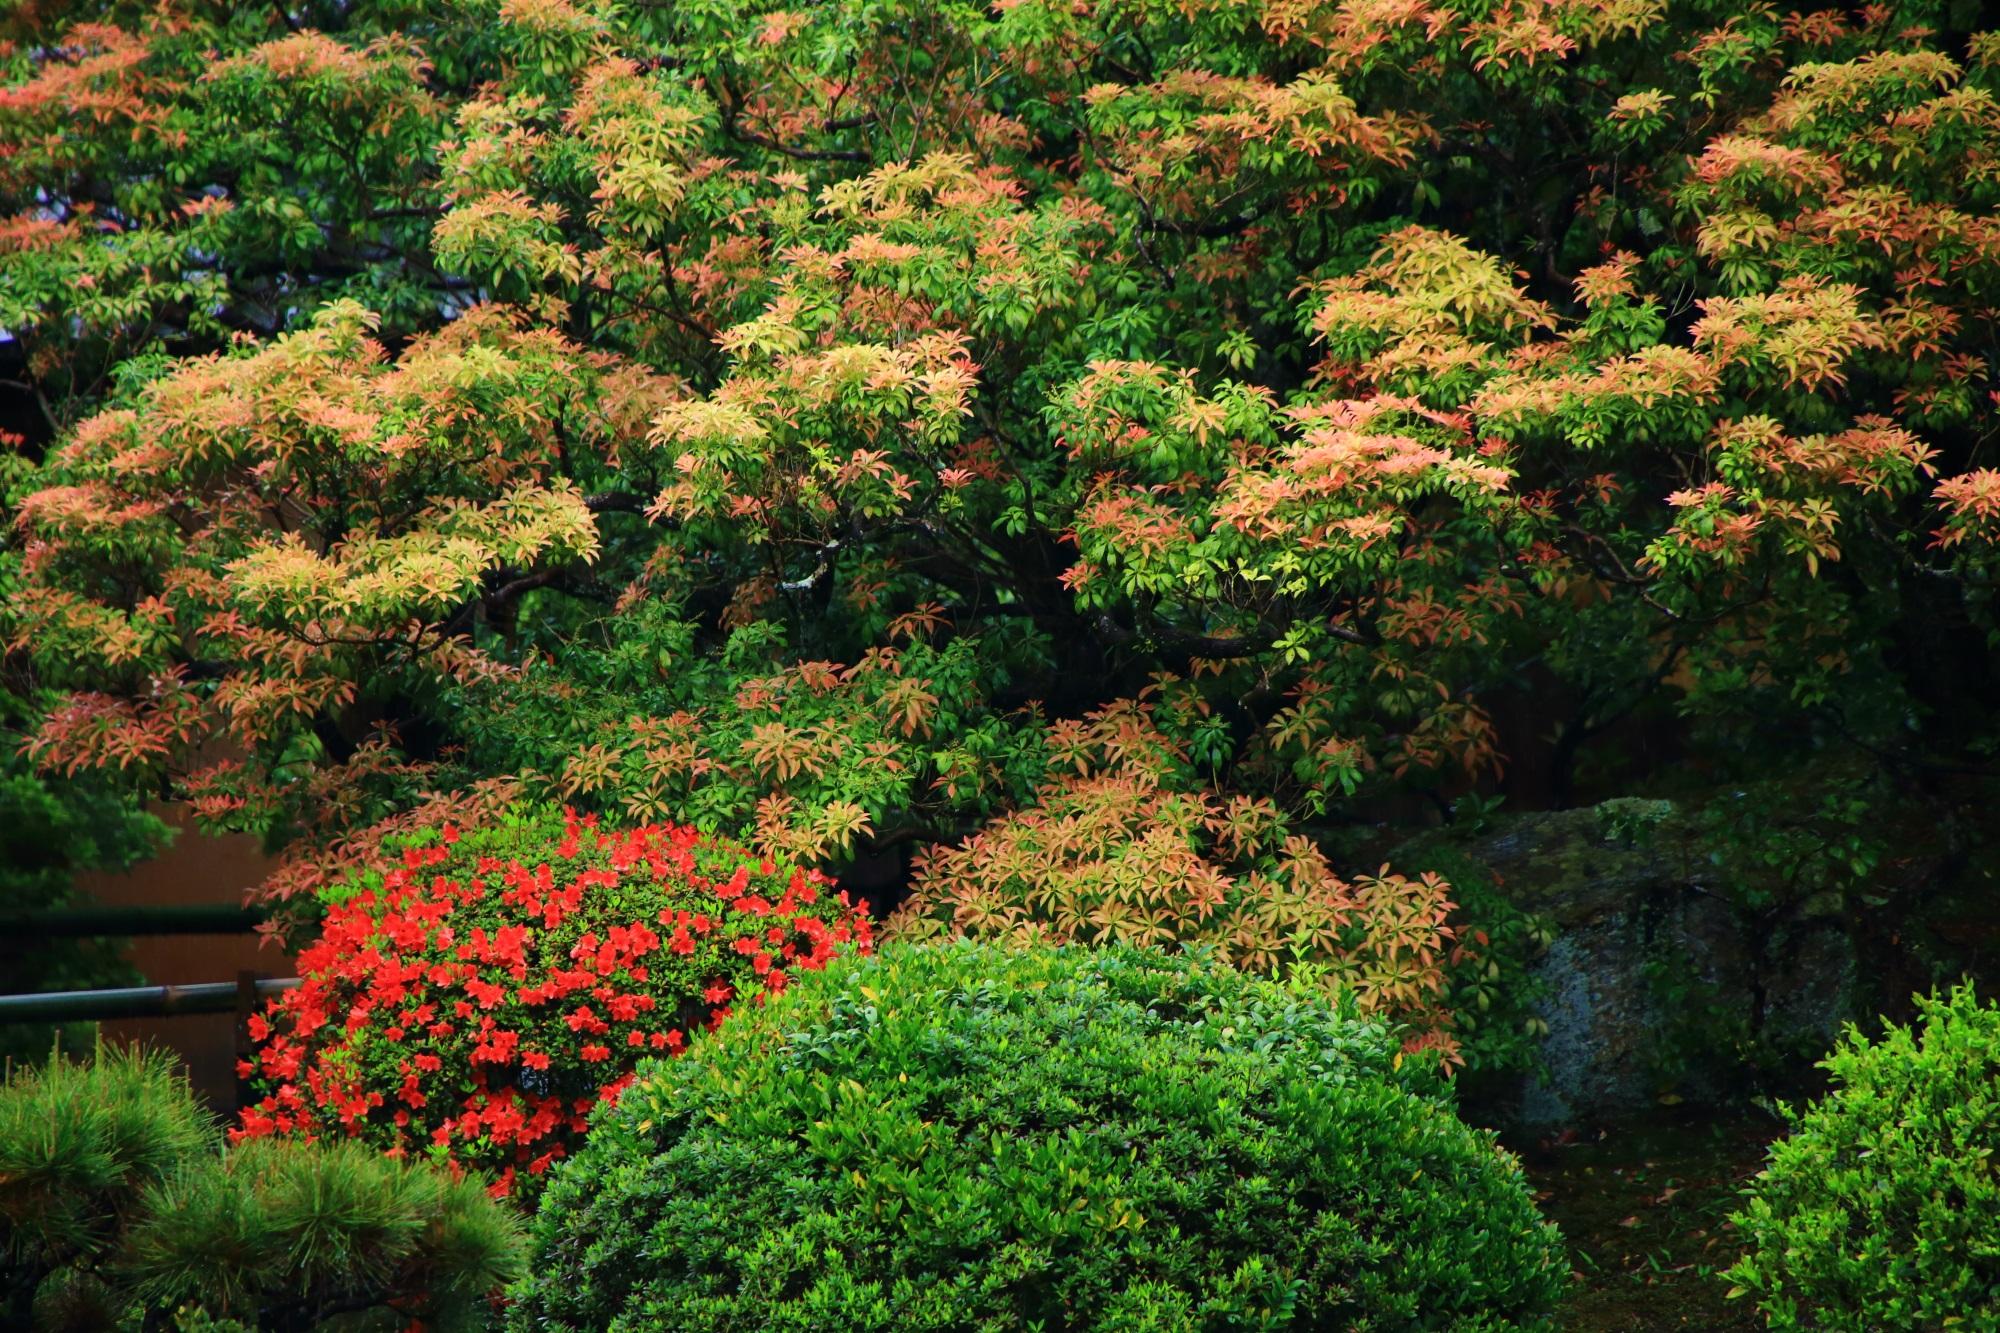 青蓮院の淡いオレンジ色の葉をしている木